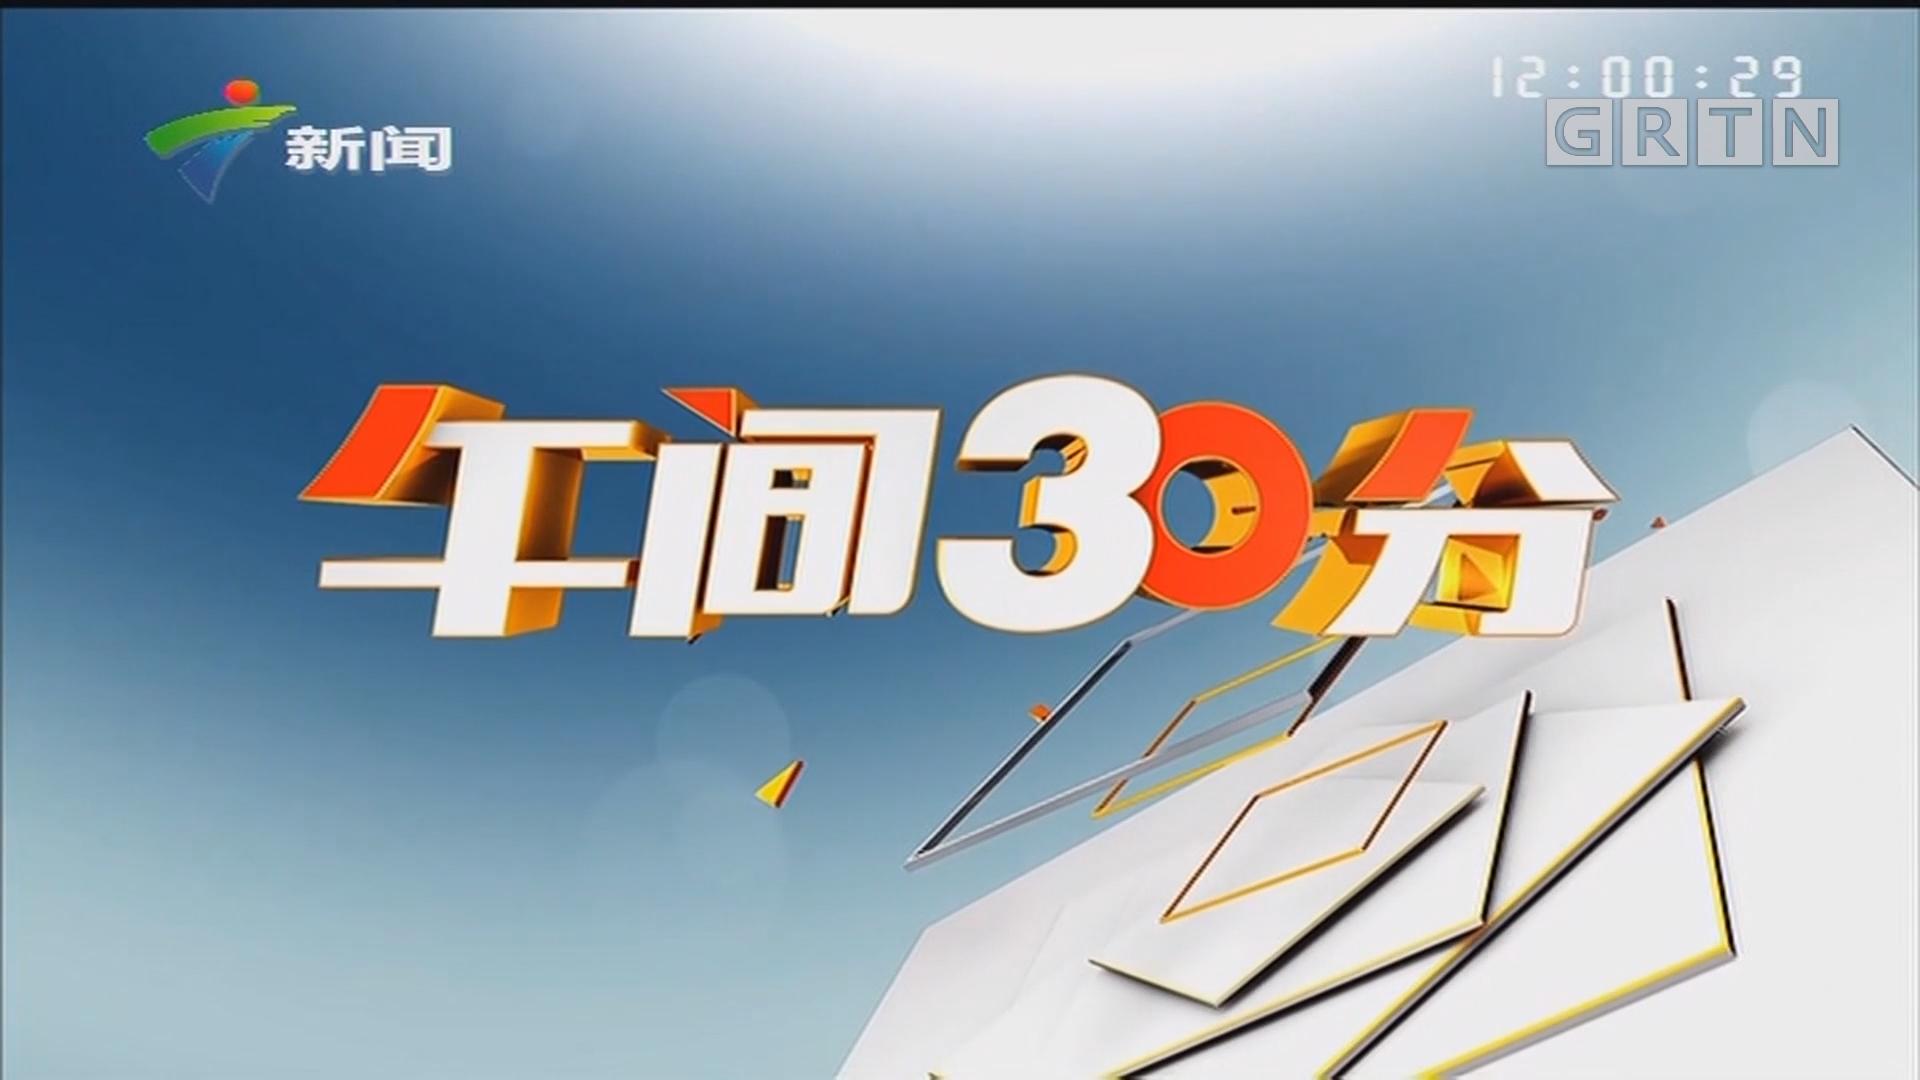 [HD][2019-11-02]午间30分:上海第二届进博会即将开幕:进博会首设非遗和老字号展区